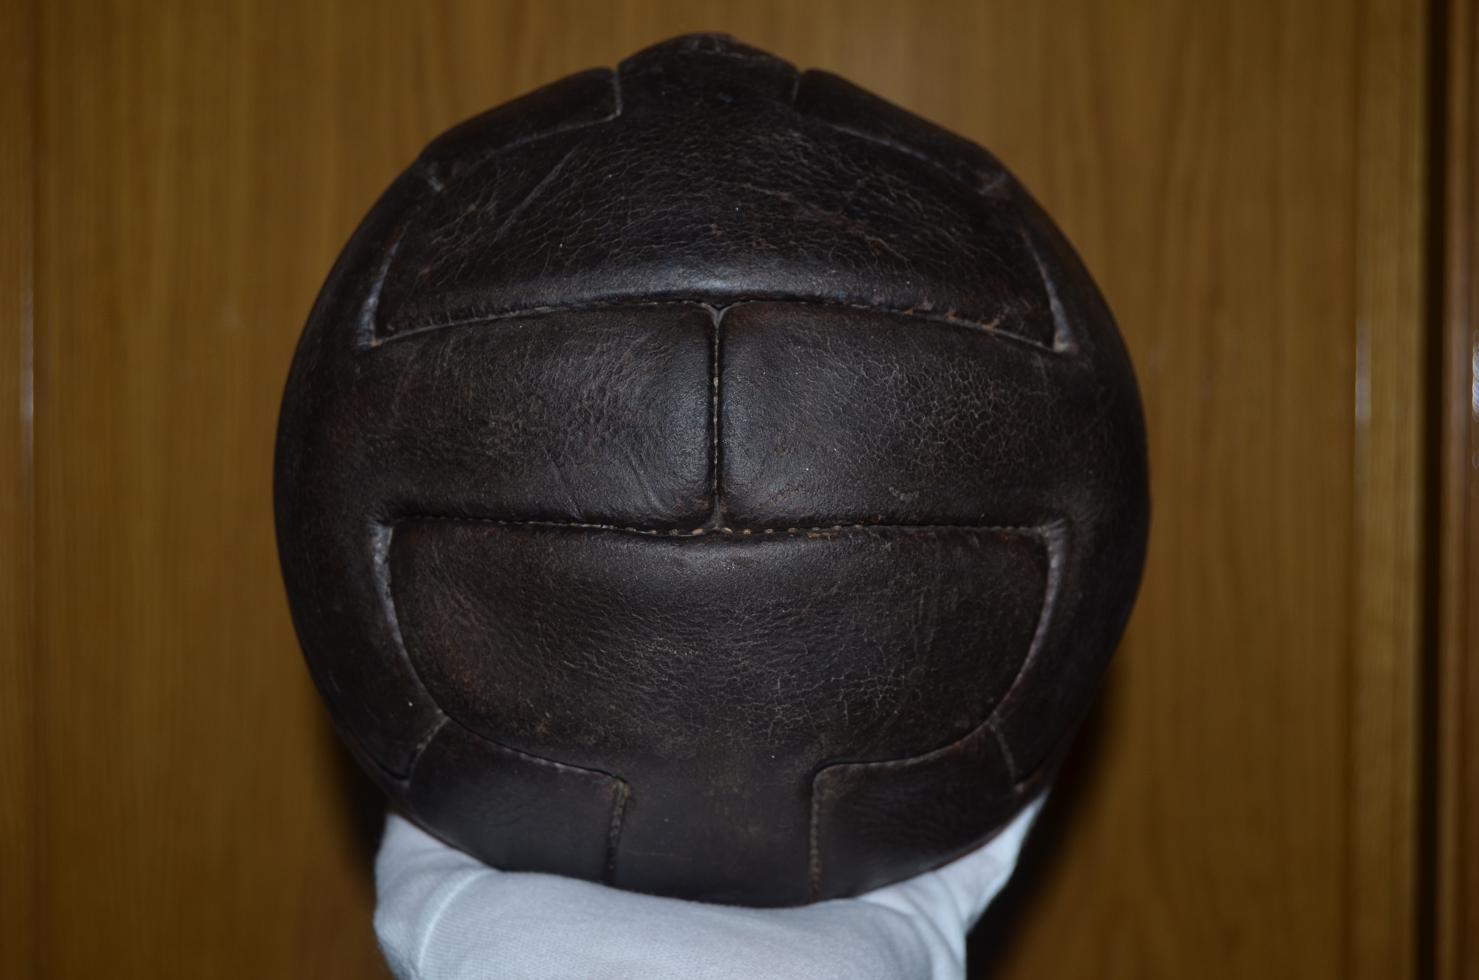 Lo mostramos porque es difícil ver estos modelos bien conservados. Por  cierto este modelo de balón está disponible en la tienda de Soccer Balls  Collection. fff541dc3d65d